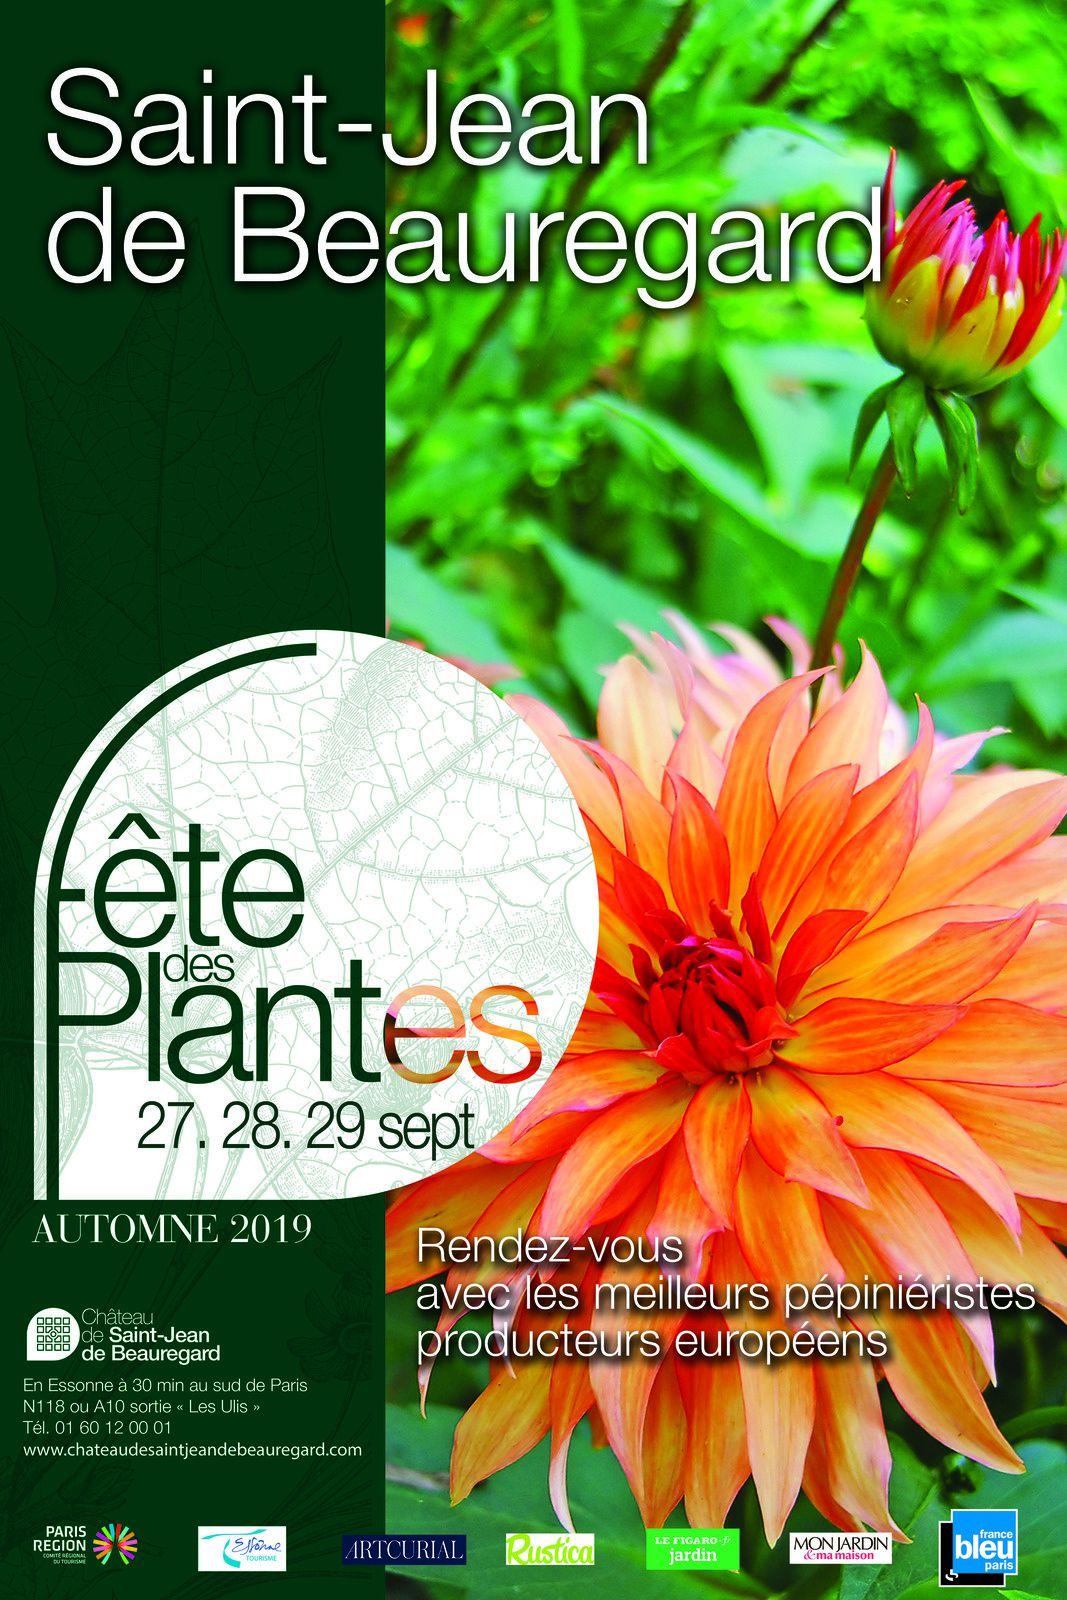 Fête des Plantes d'Automne de Saint Jean de Beauregard, 35 eme anniversaire